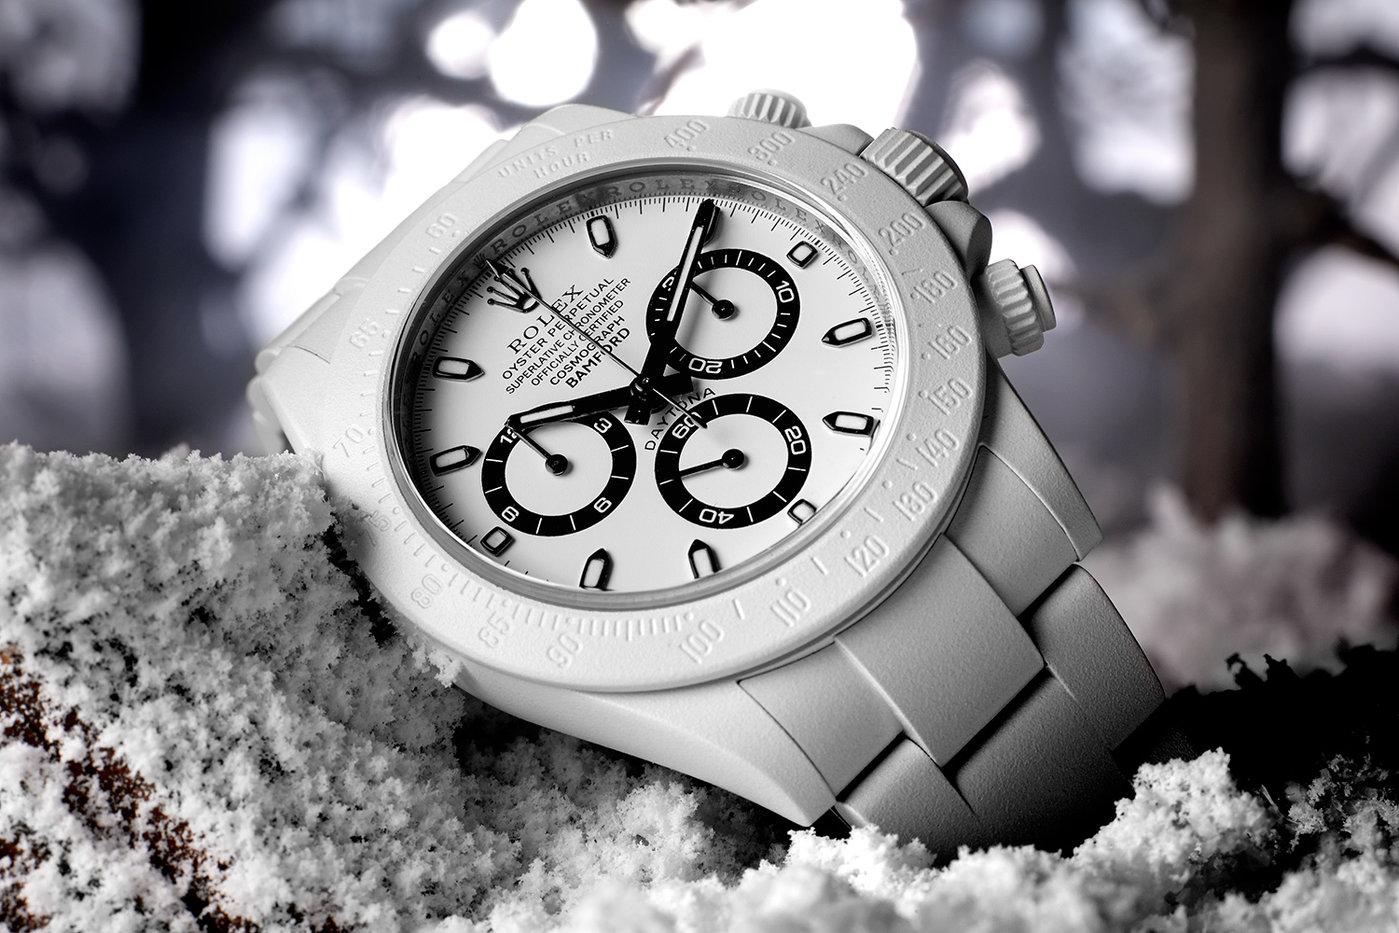 bamford-watch-department-polar-rolex-watches-01.jpg